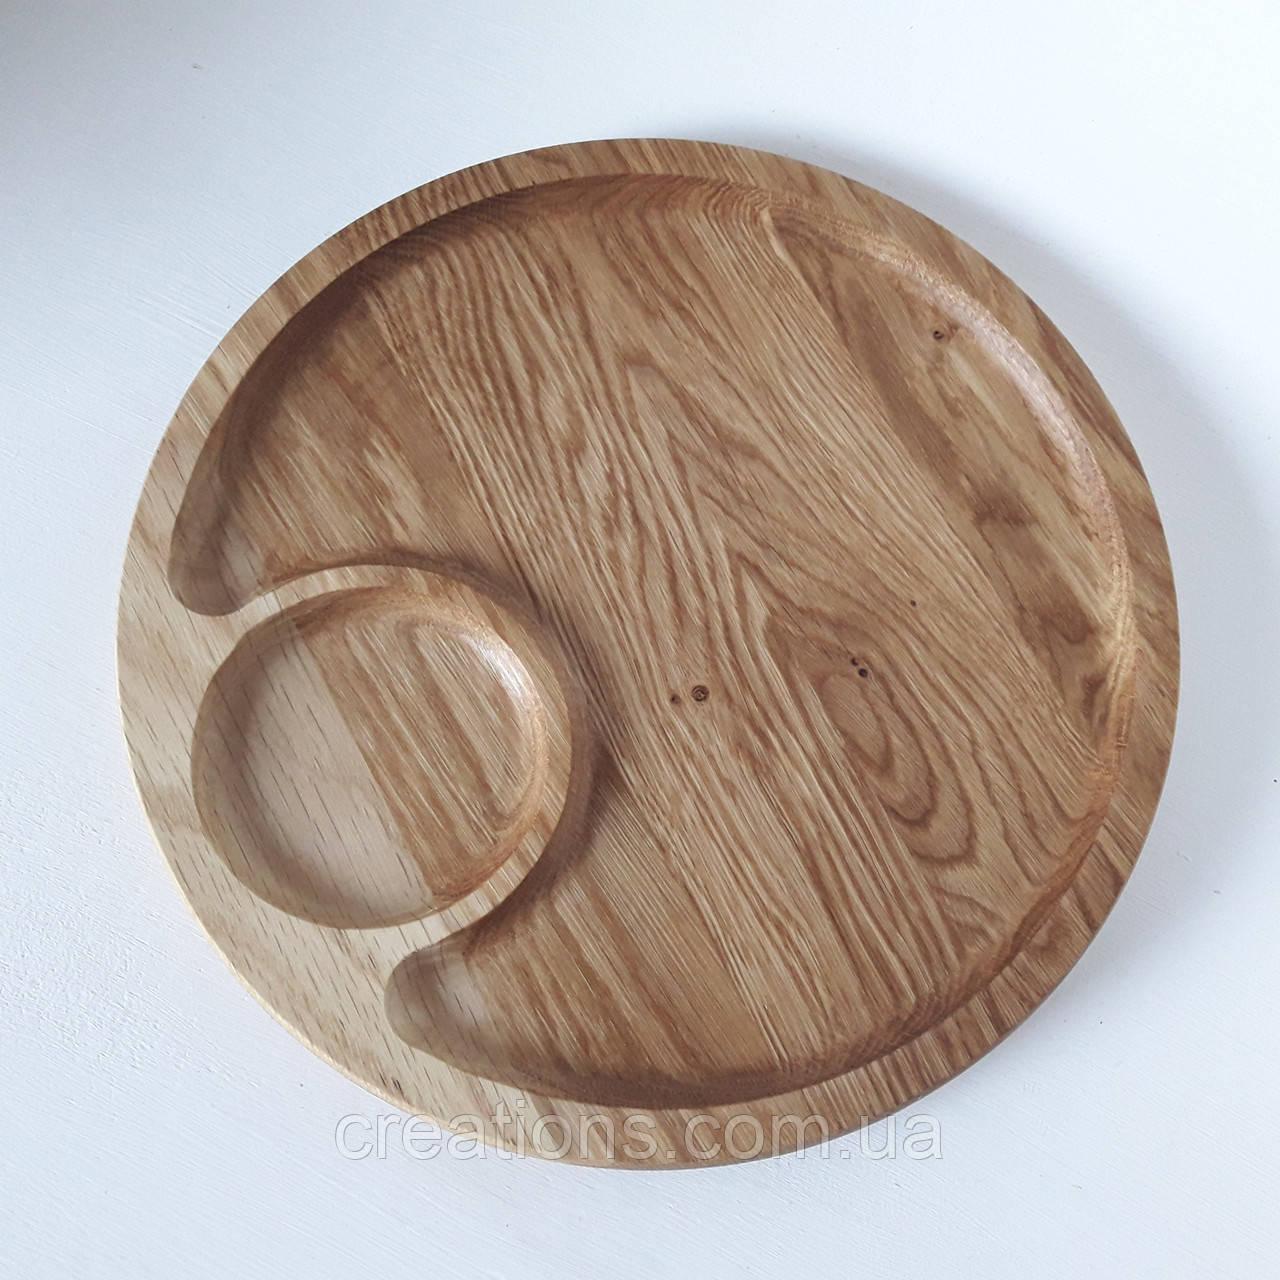 Менажница деревянная доска для подачи блюд 30 см. круглая из дуба, двусторонняя